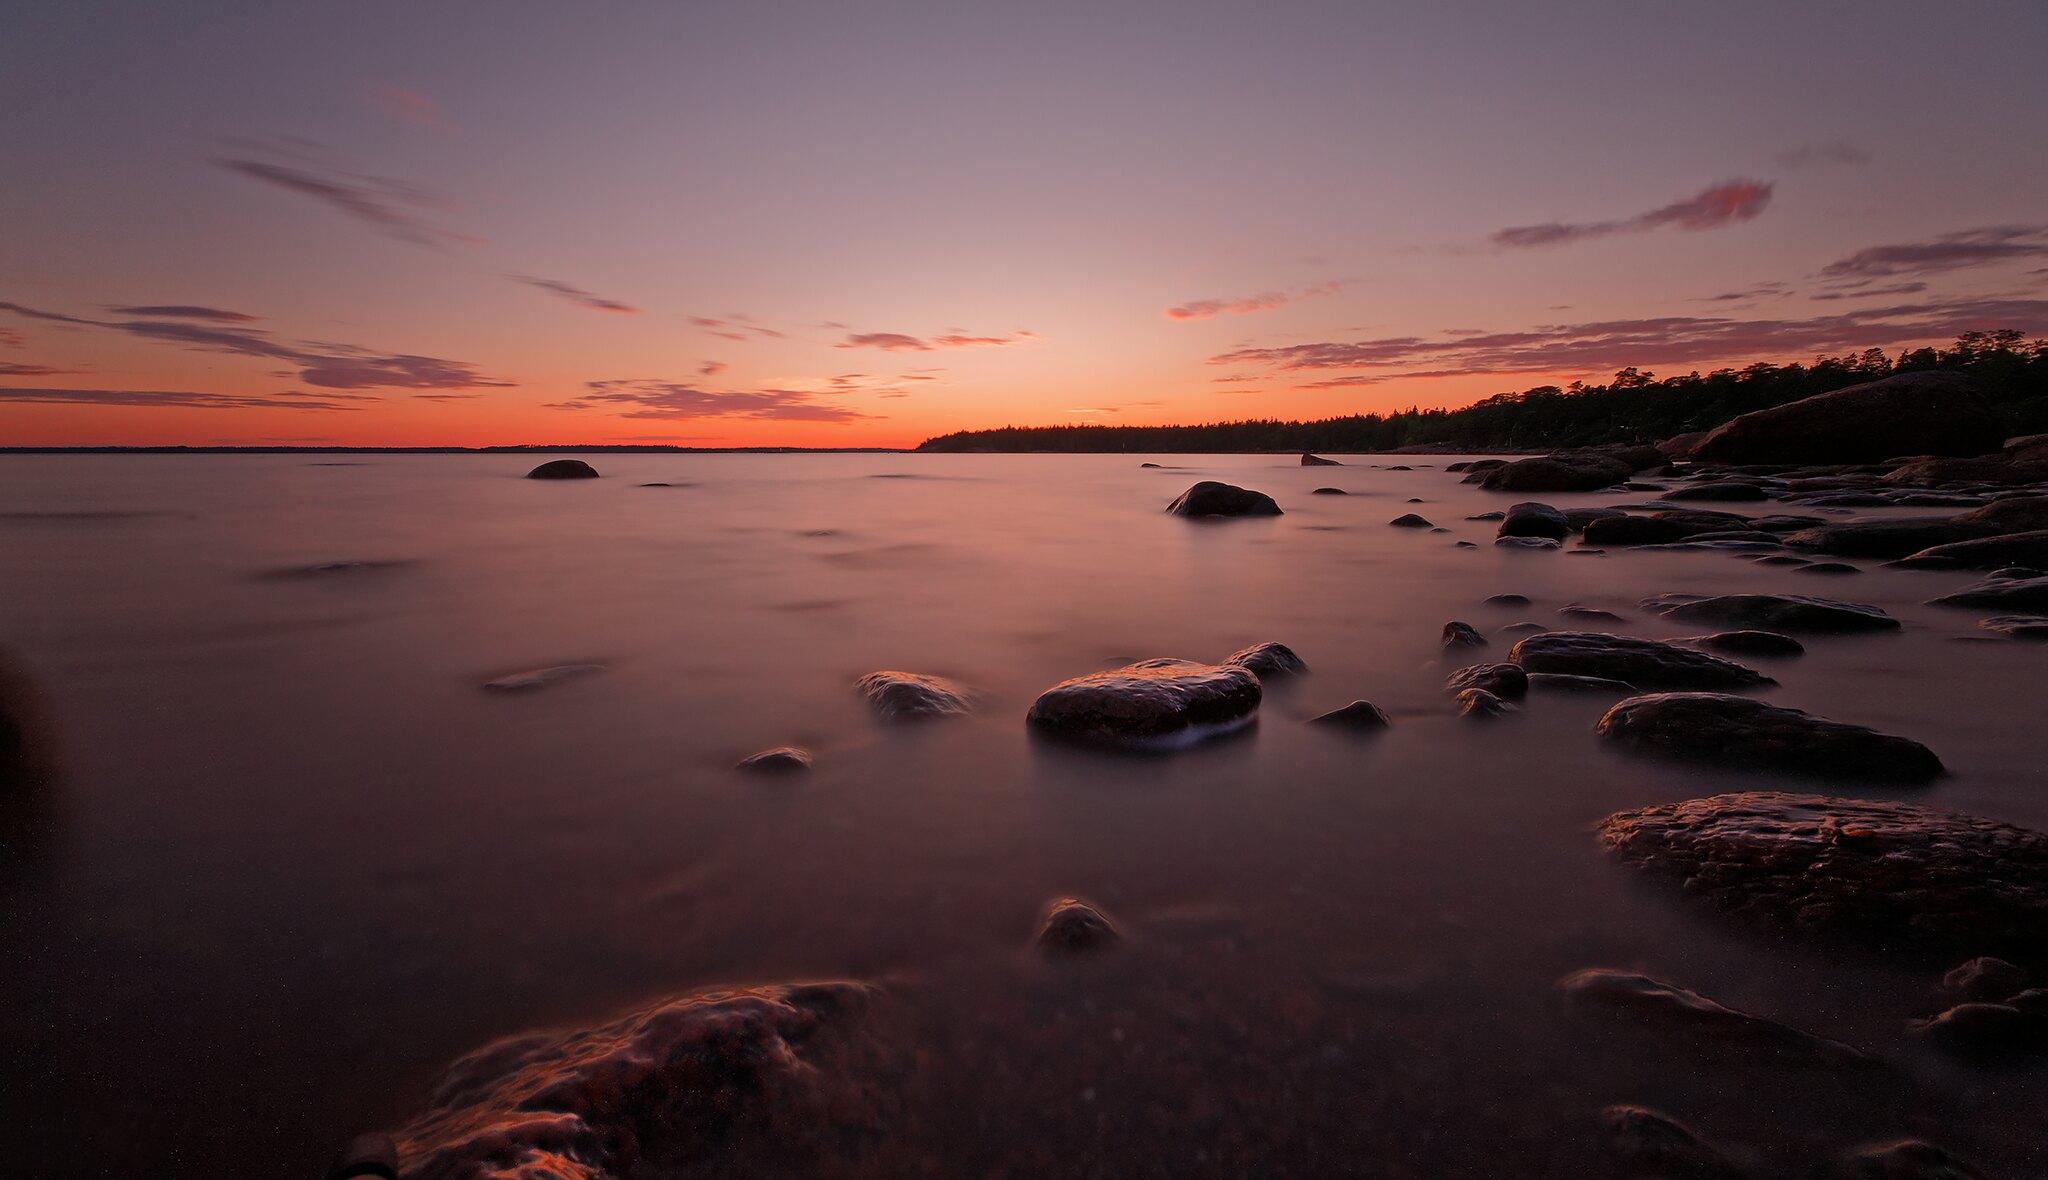 landscape long exposure sunset